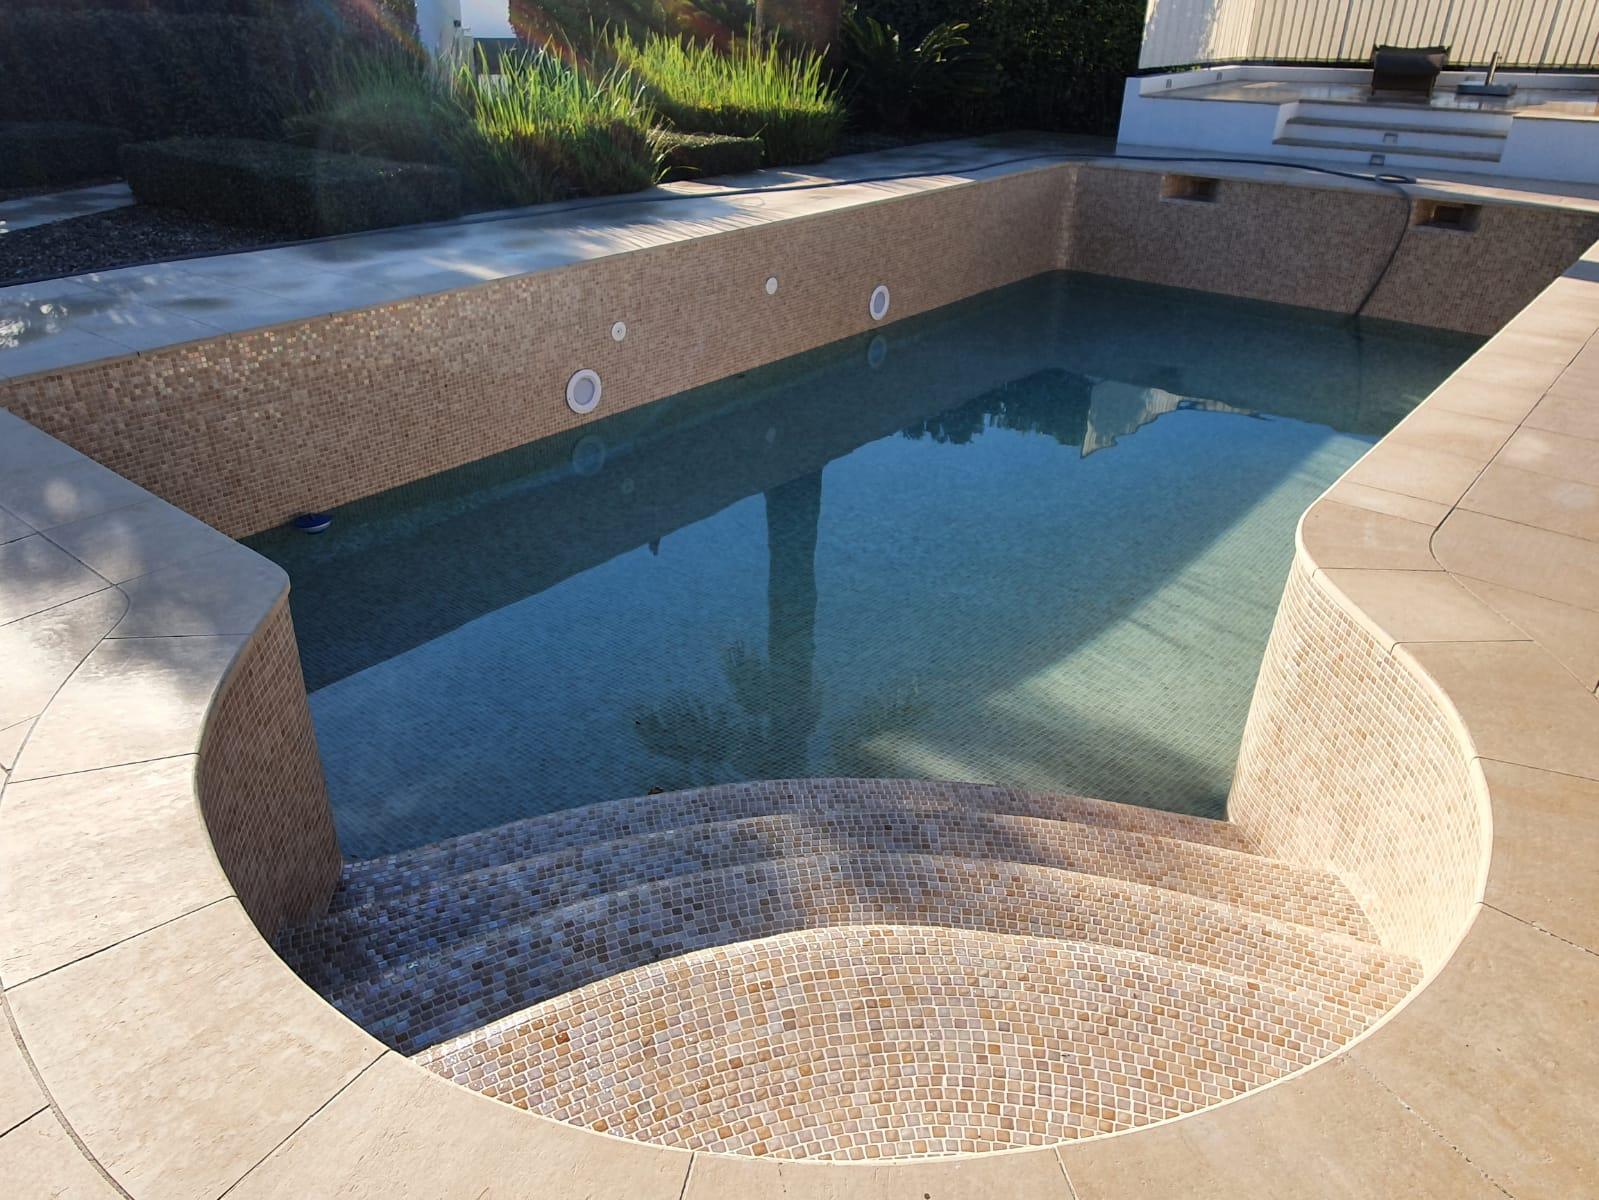 Rev tements de piscine polyester mosa que - Revetement ideal pourtour de piscine ...